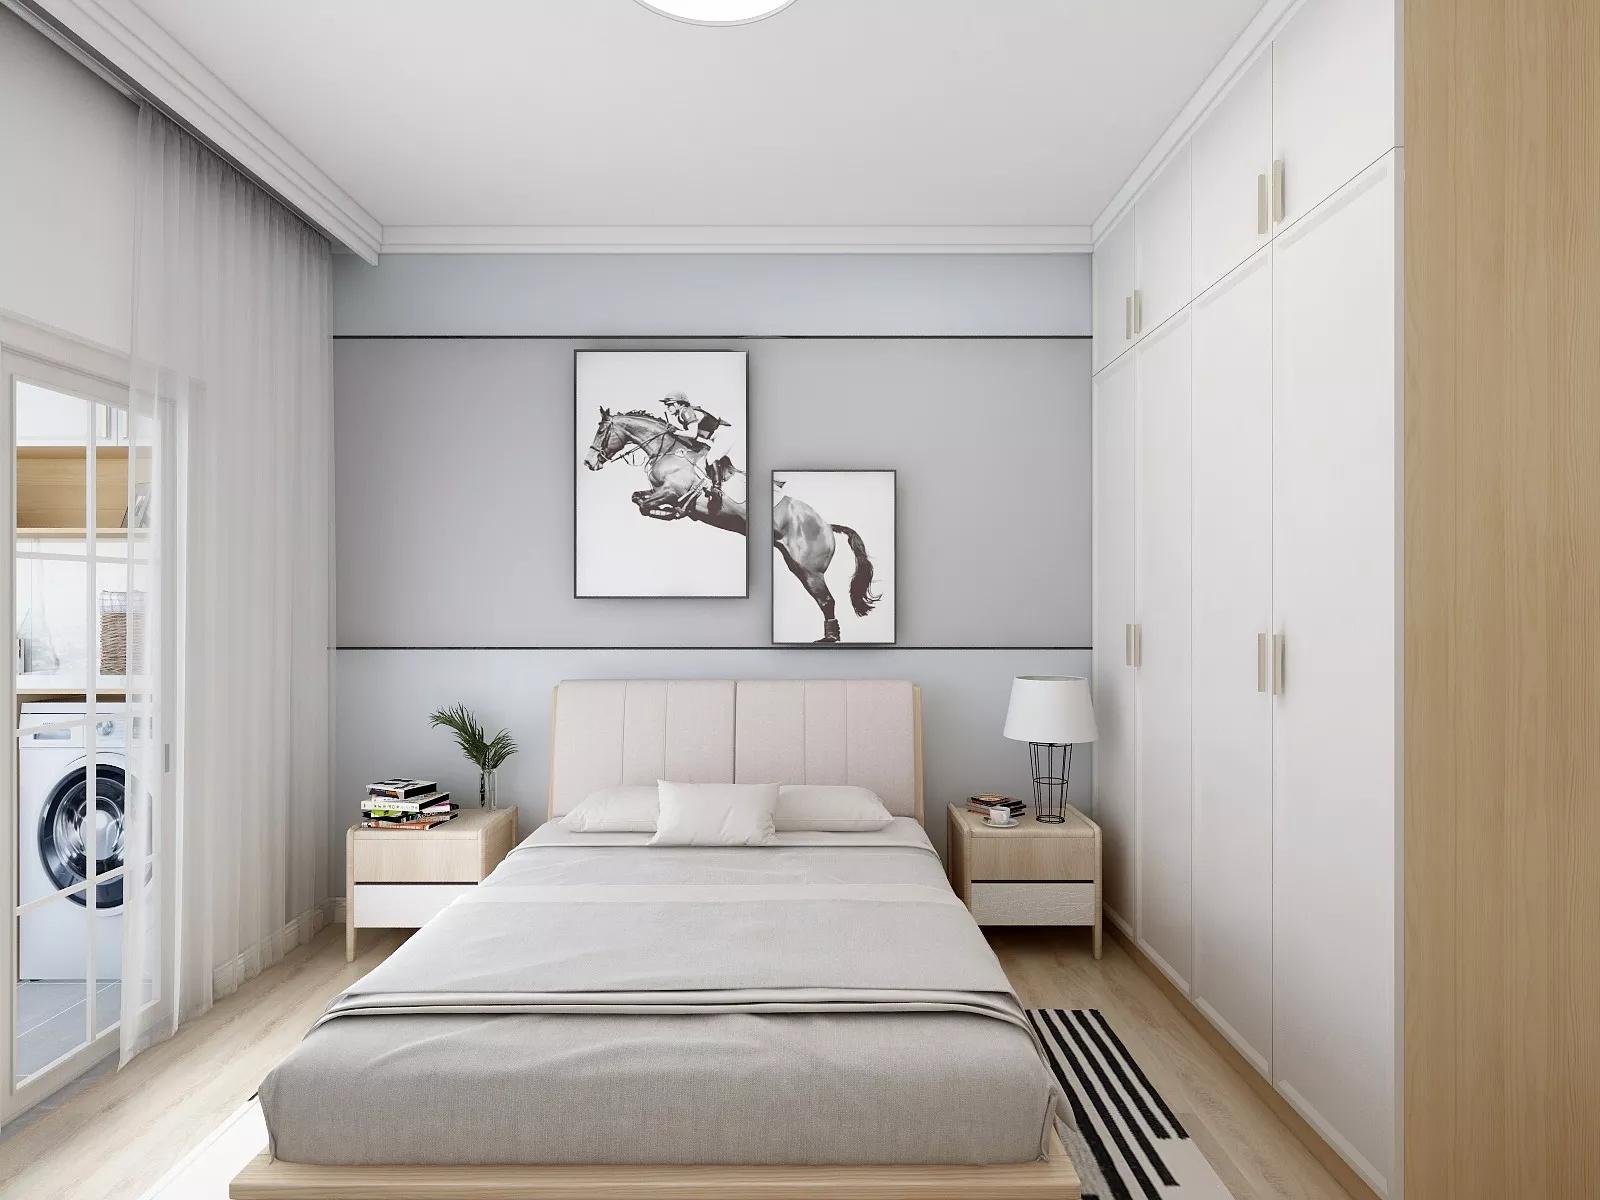 客厅铜吊灯哪个品牌好 客厅铜吊灯如何选购